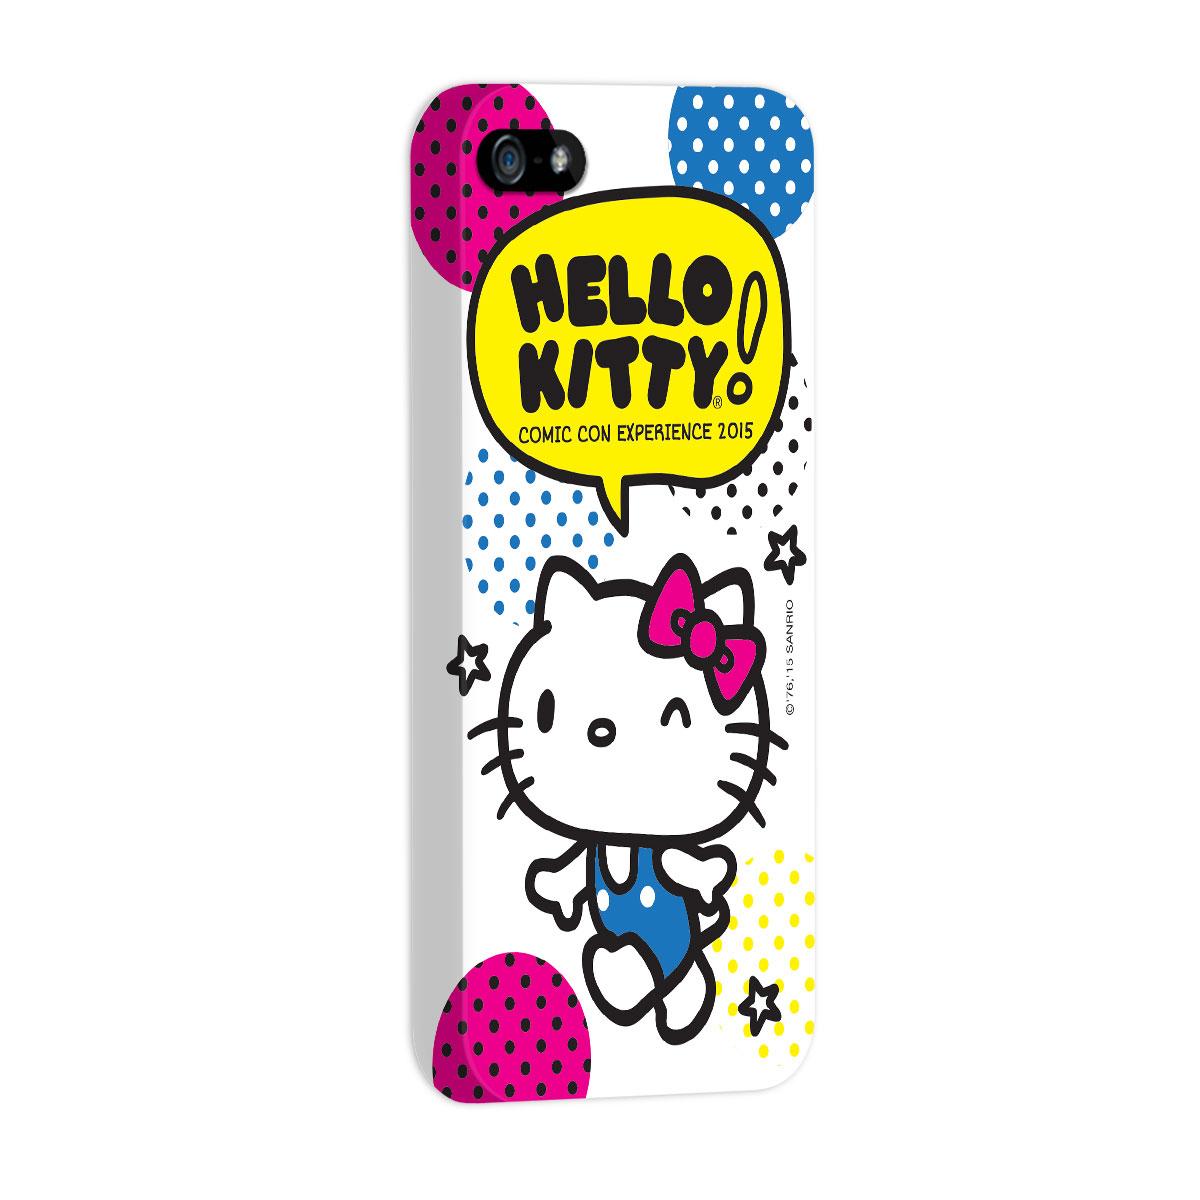 Capa para iPhone 5/5S  Hello Kitty Comic Con Experience